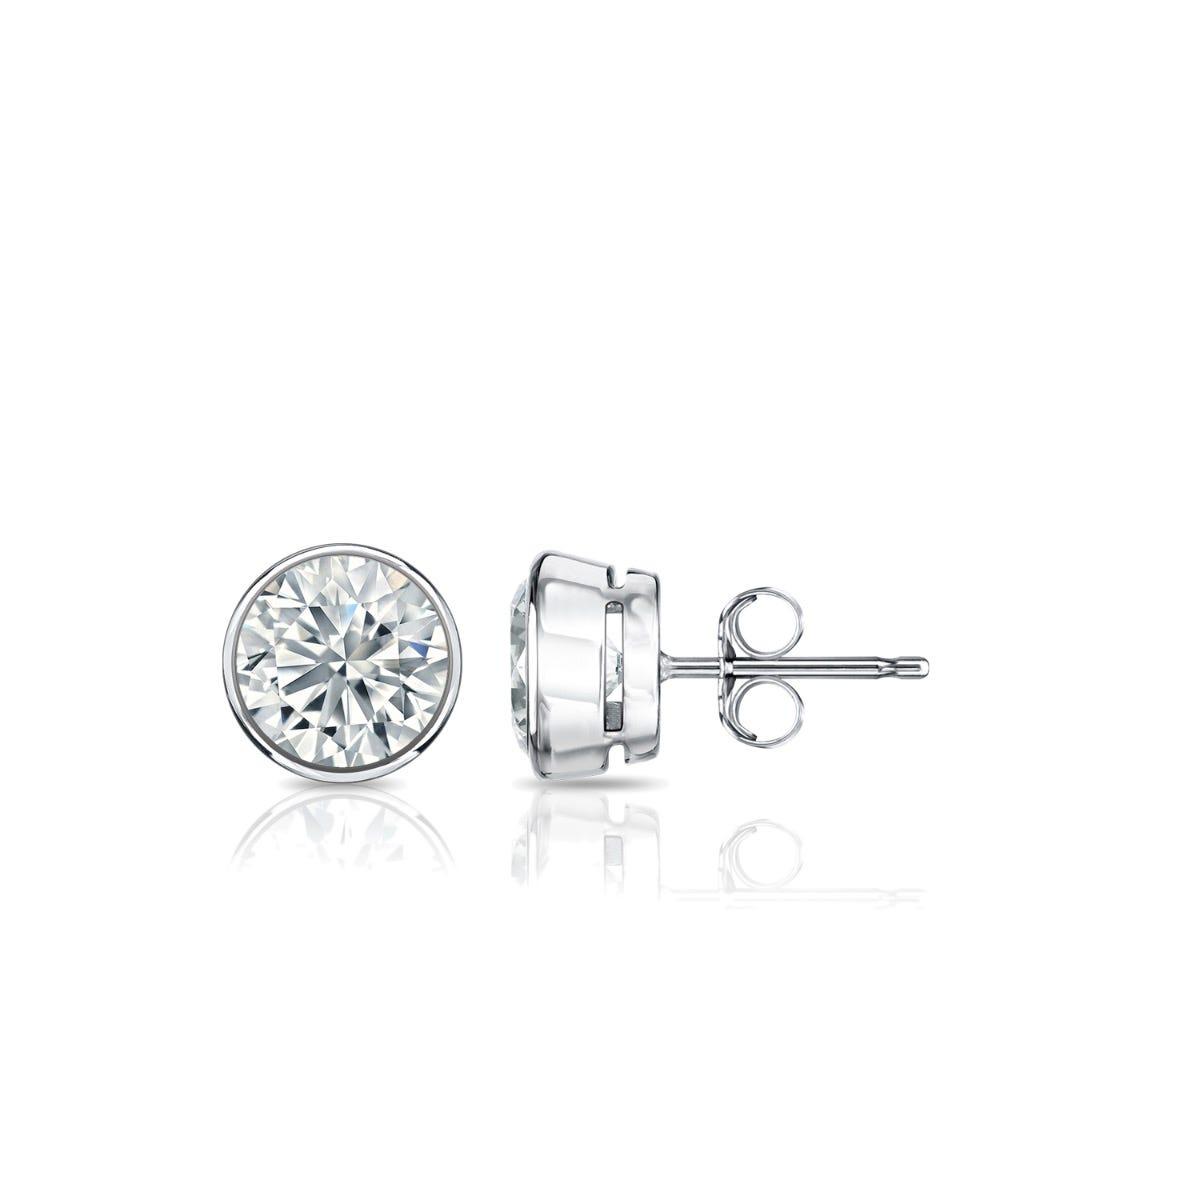 Diamond Round Bezel-Set 5/8ctw. Solitaire Stud (IJ-I1) Earrings in 14K White Gold